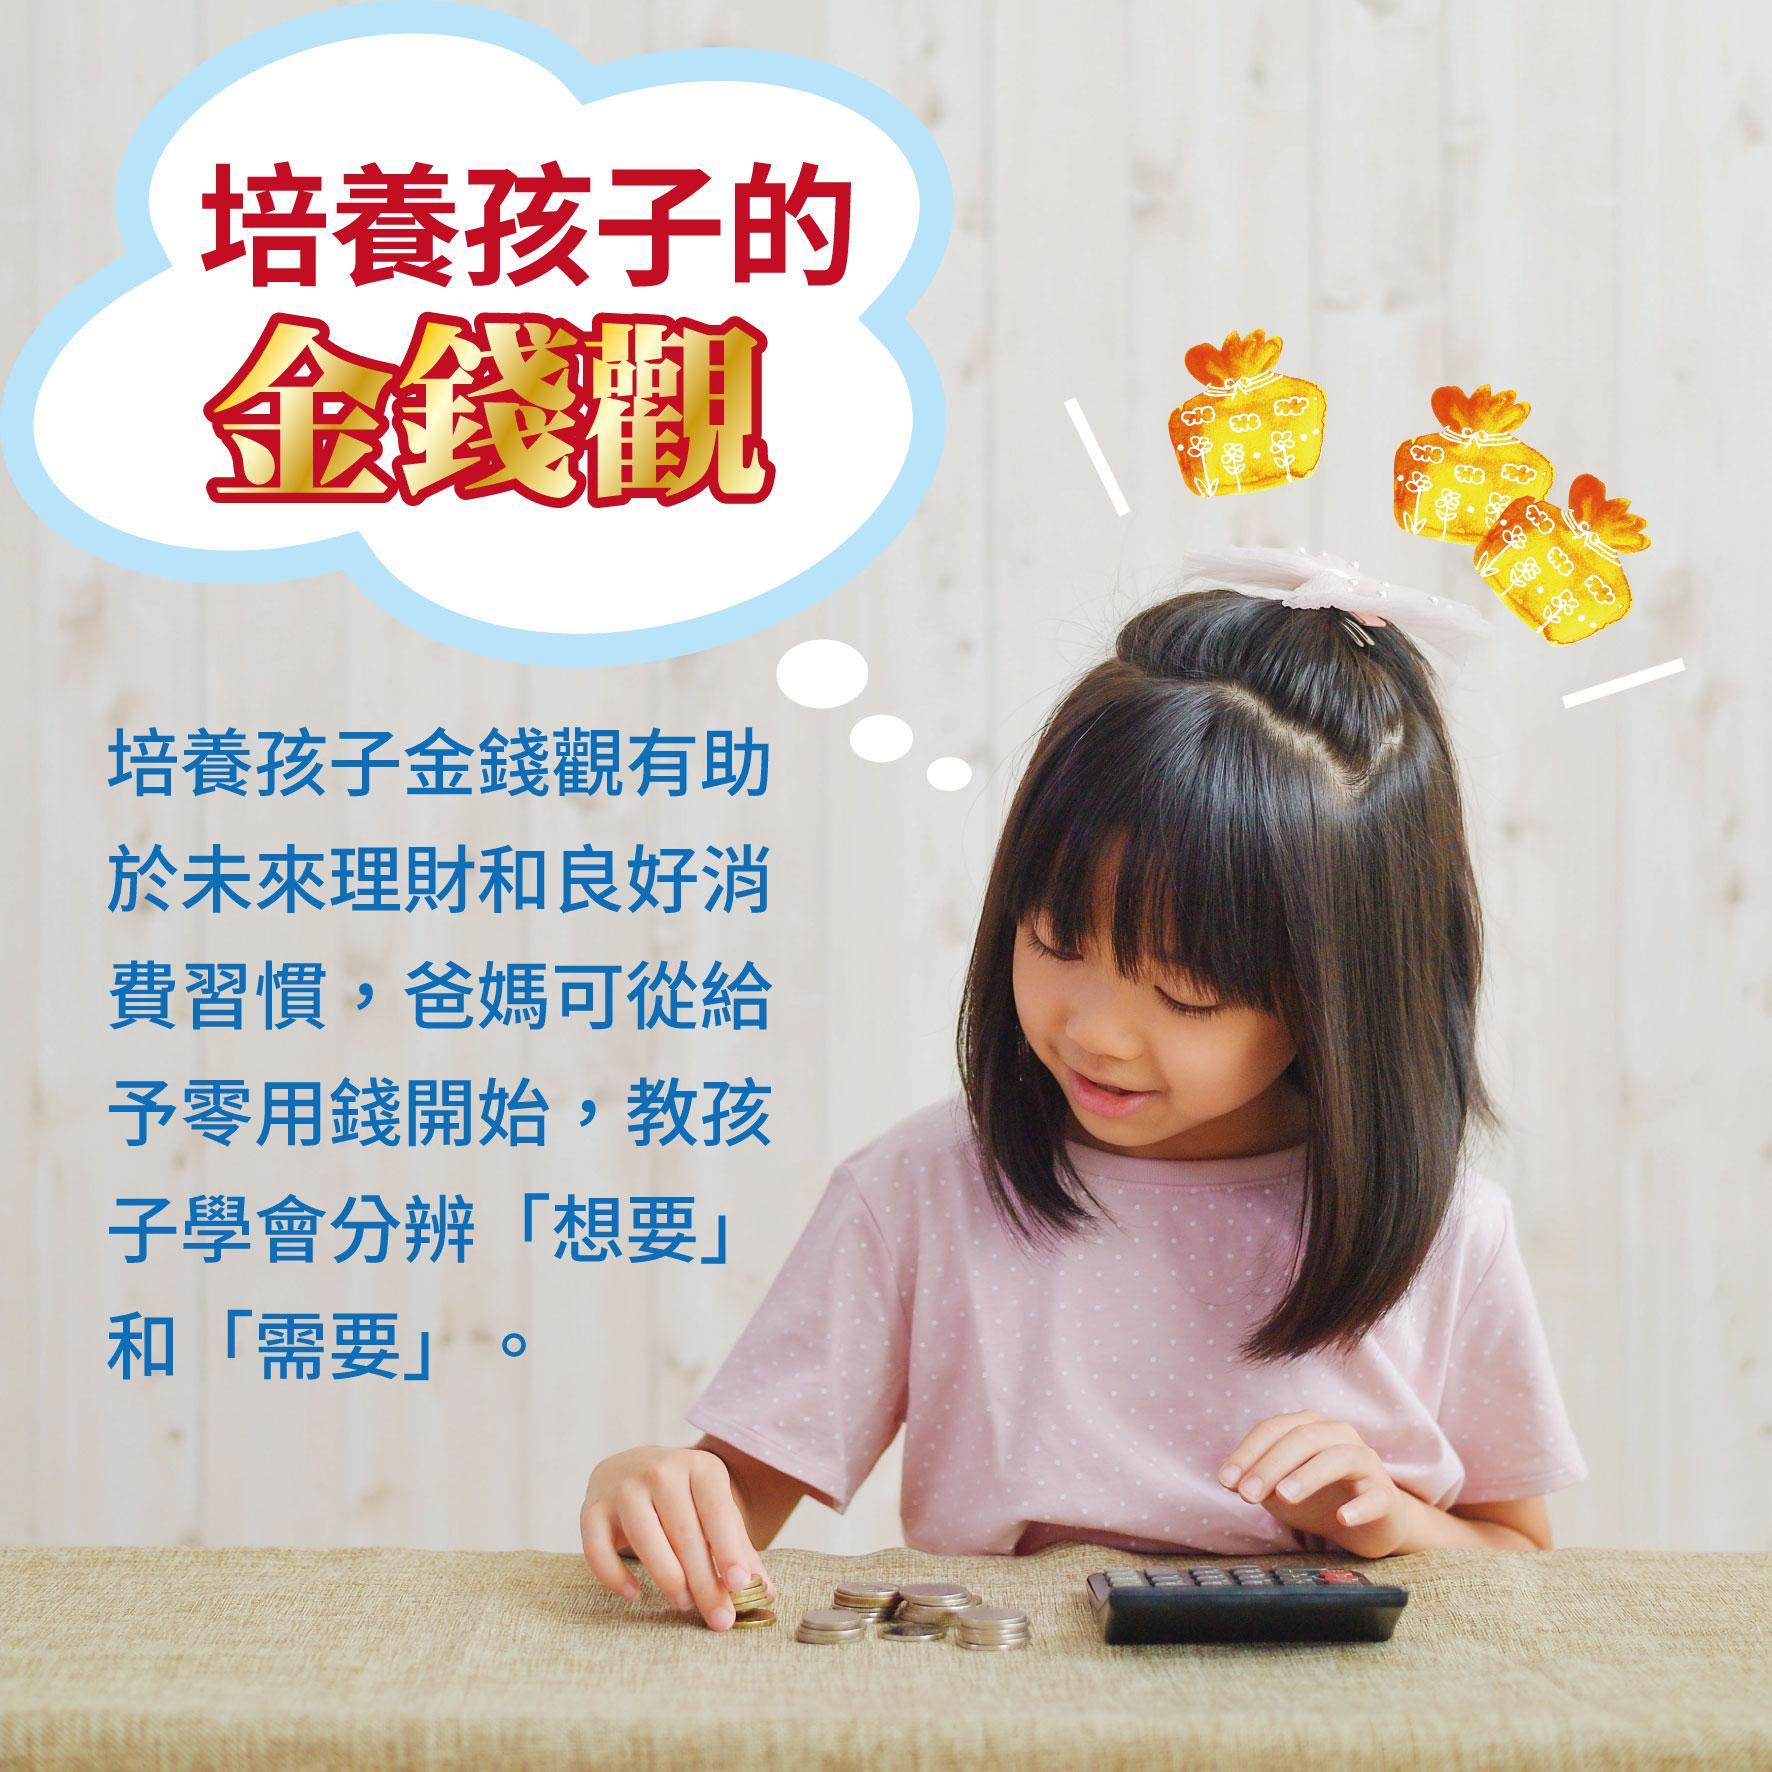 幼兒6歲(第44週)培養孩子的金錢觀